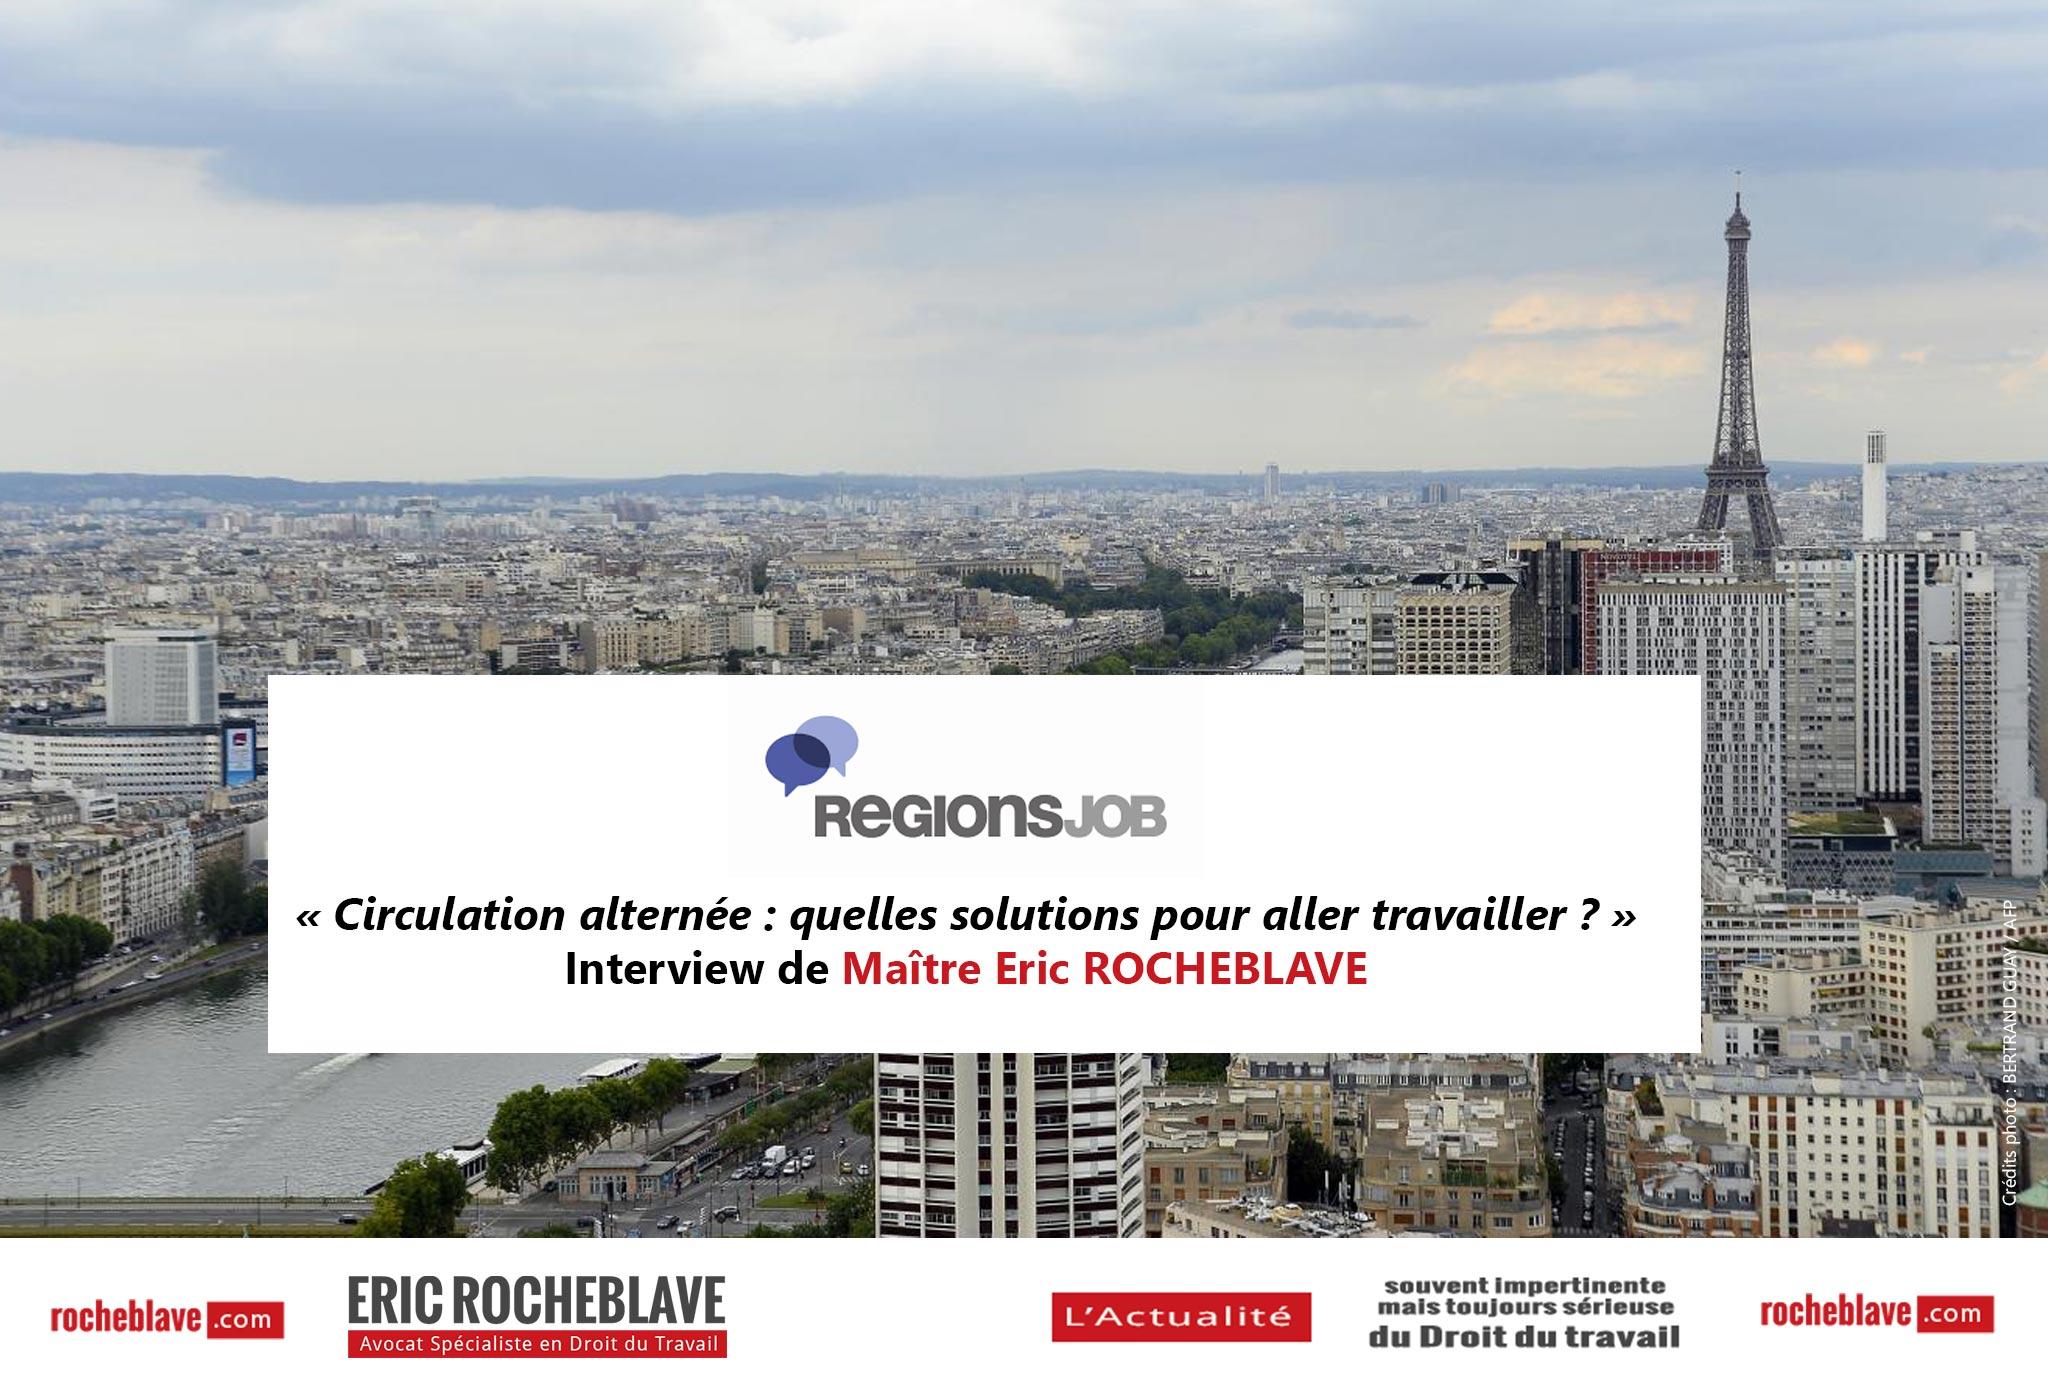 « Circulation alternée : quelles solutions pour aller travailler ? » Interview de Maître Eric ROCHEBLAVE | RégionsJob